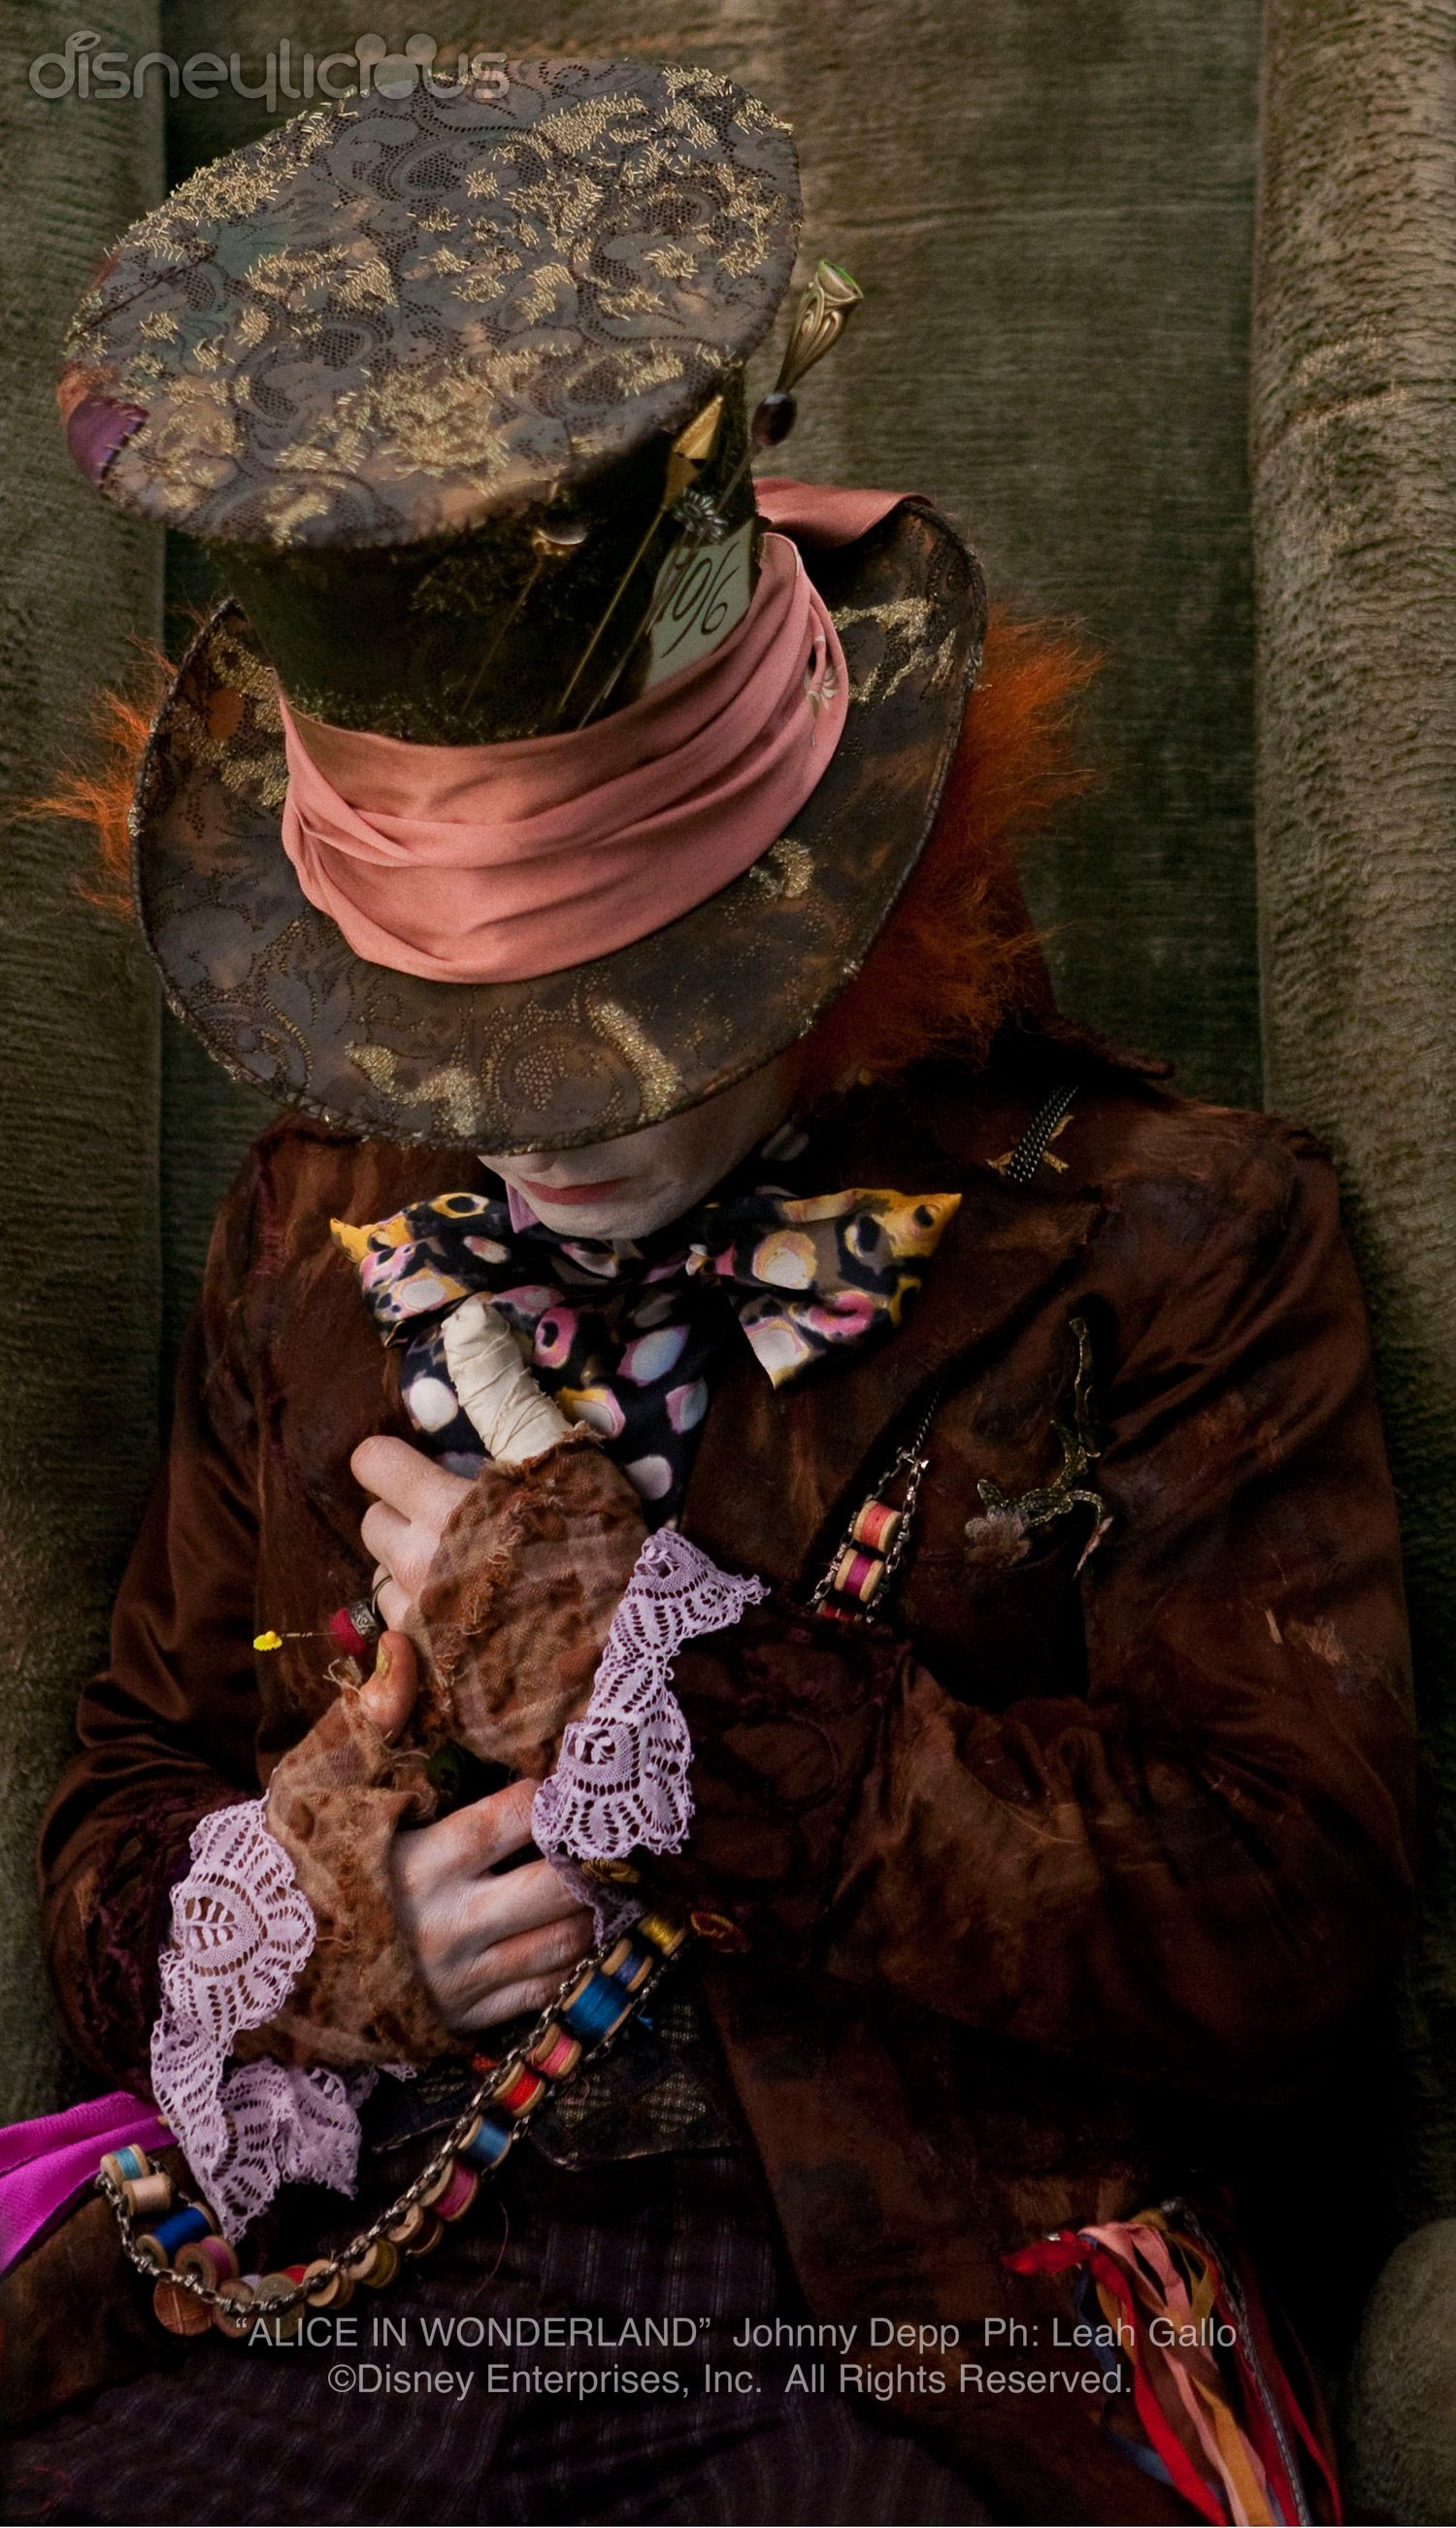 tim burton art alice in wonderland: The mad hatter